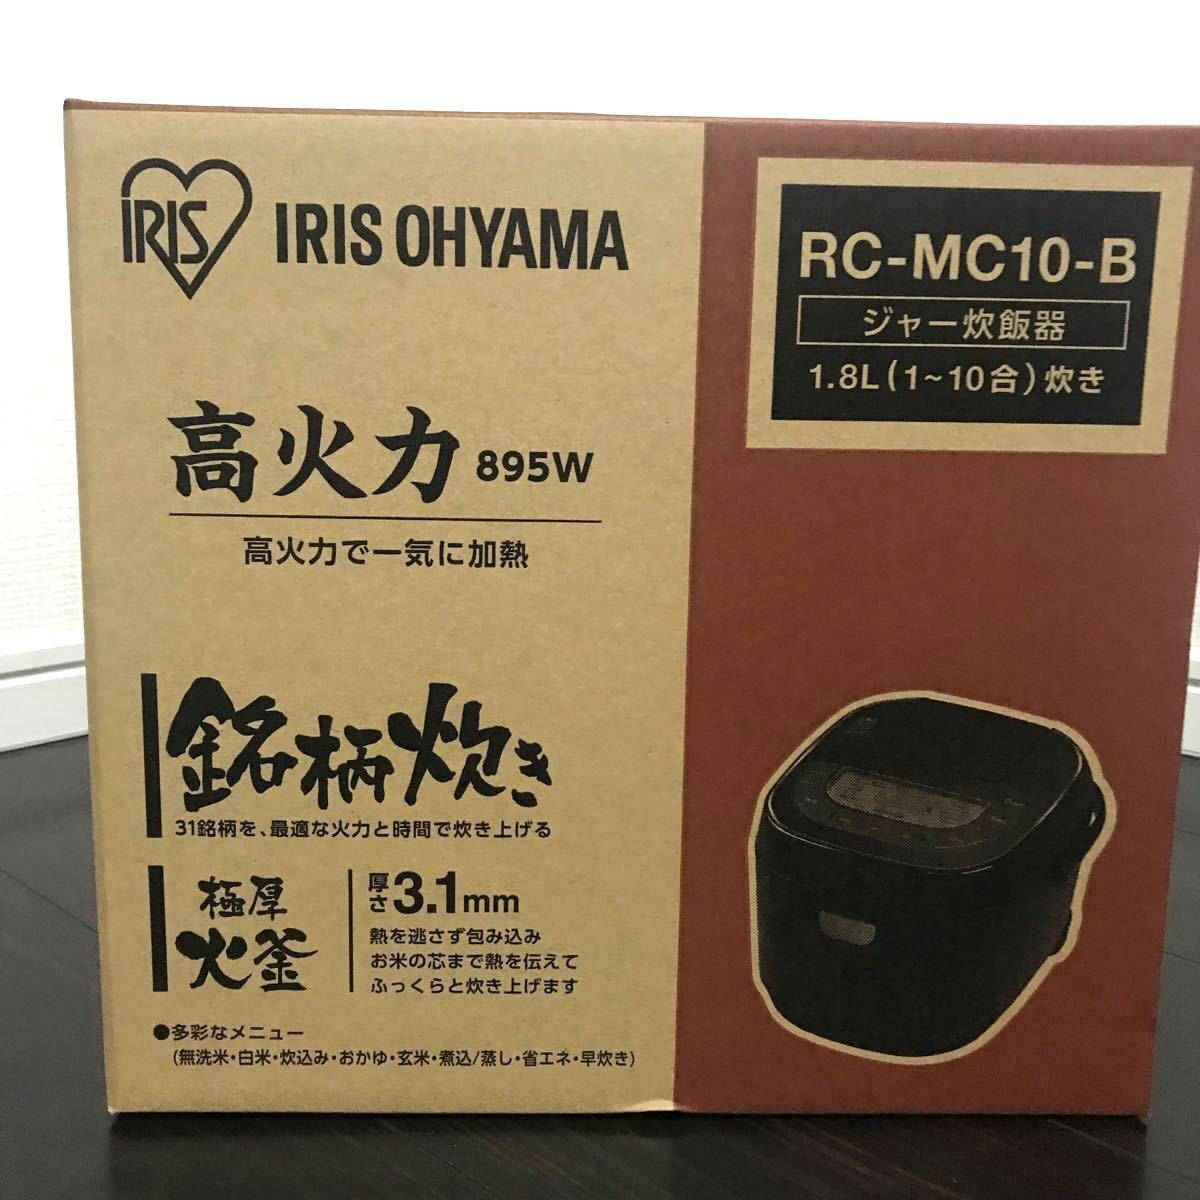 【保証あり2022.9.13まで 新品未開封】アイリスオーヤマ   米屋の旨み 一升炊 RC MC10 黒 ブラック  炊飯器